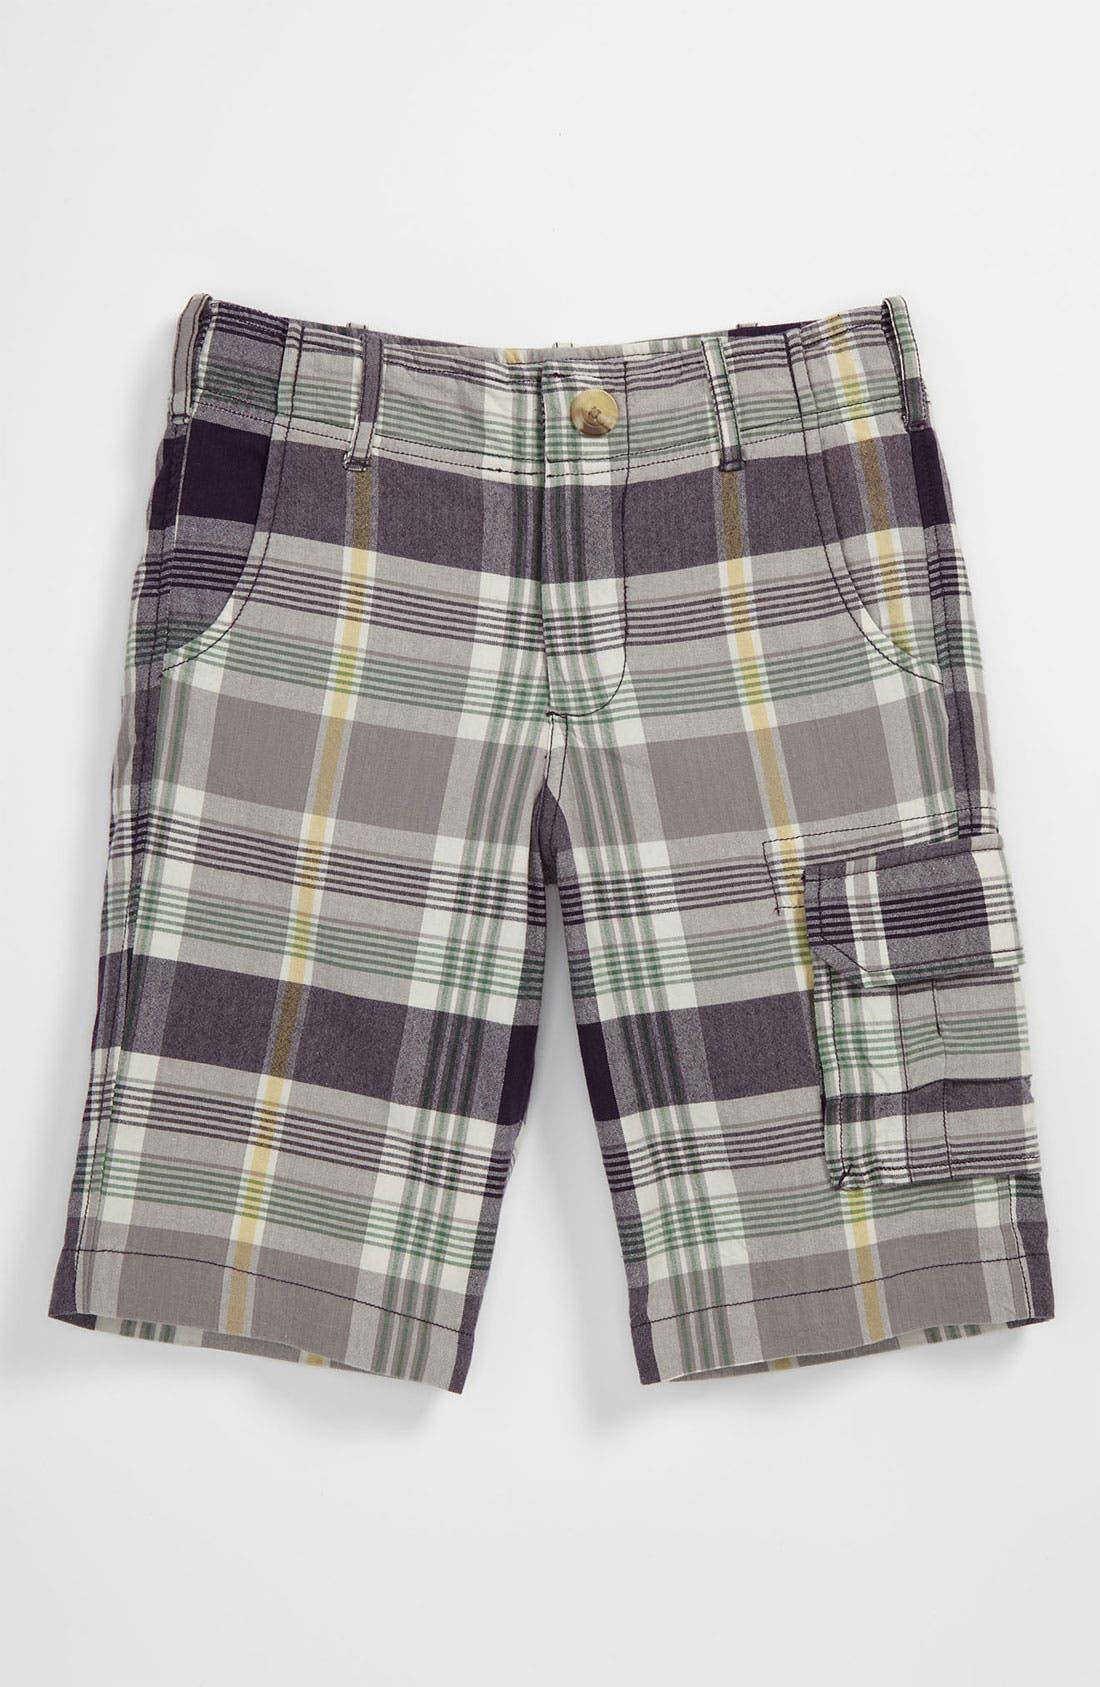 Main Image - Peek 'Oxford' Plaid Shorts (Big Boys)